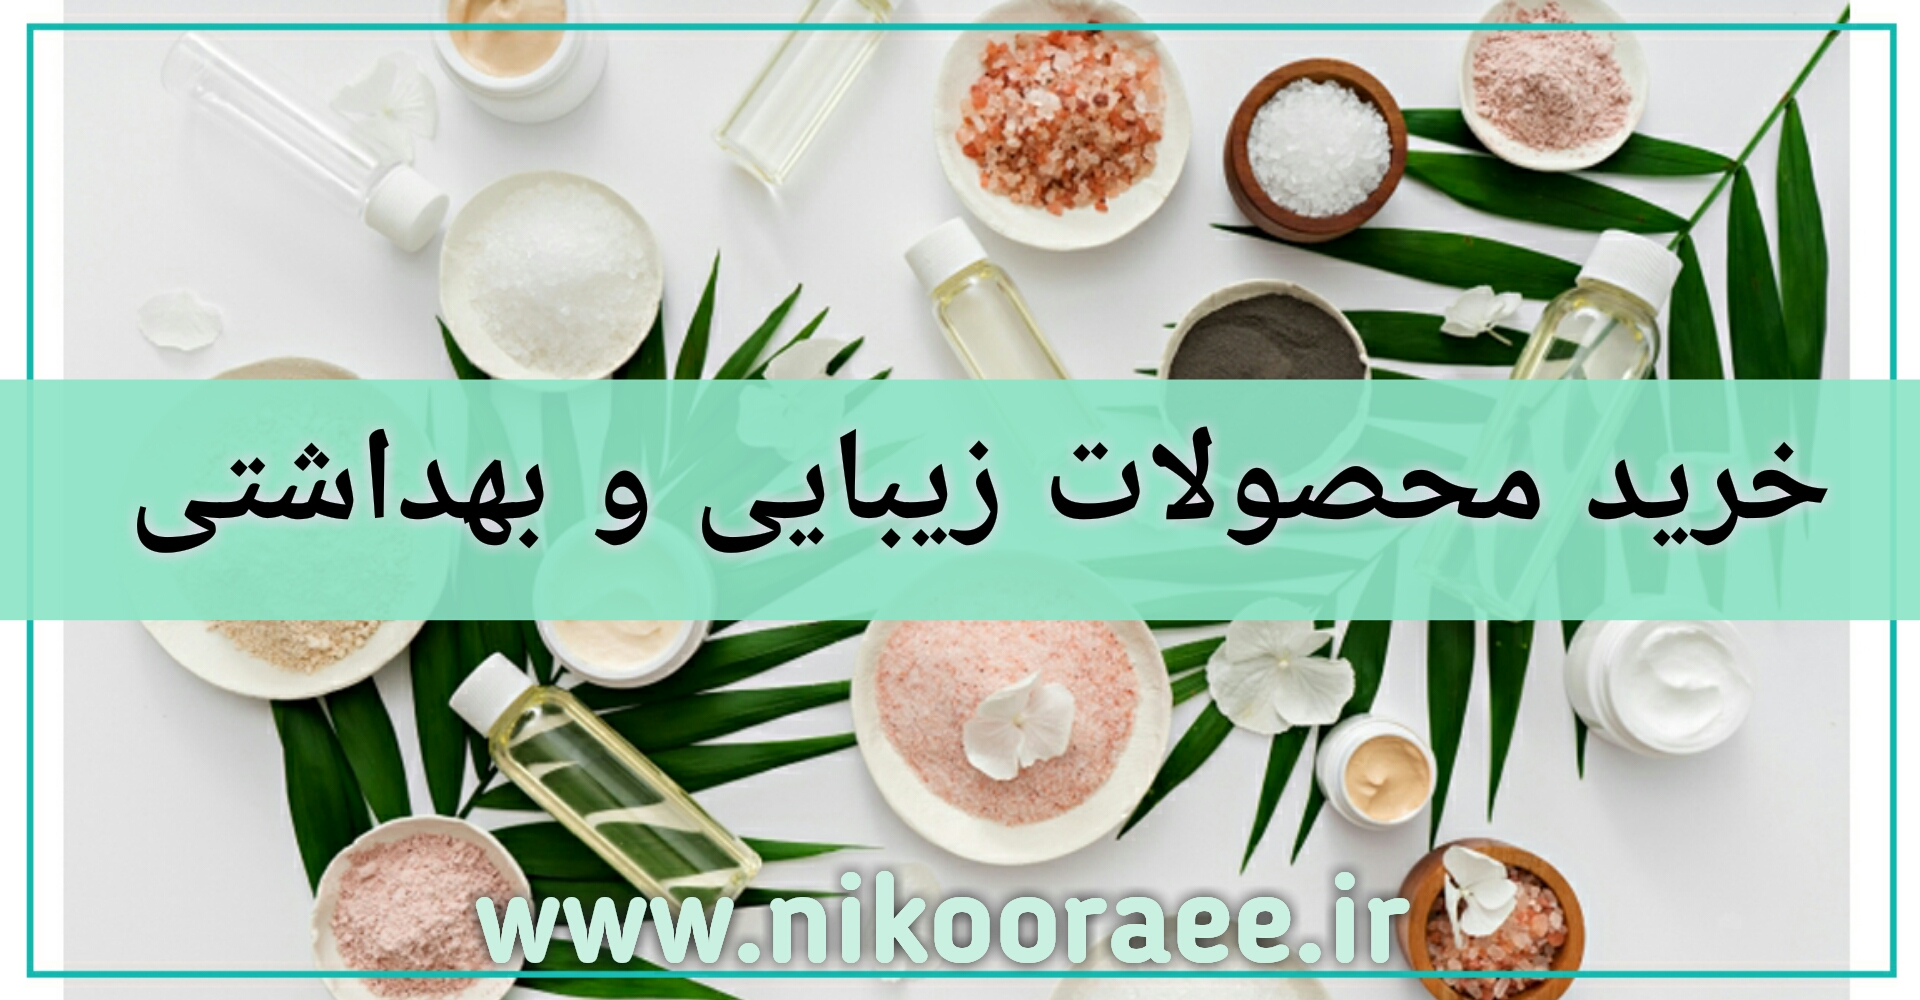 خرید محصولات زیبایی و بهداشتی